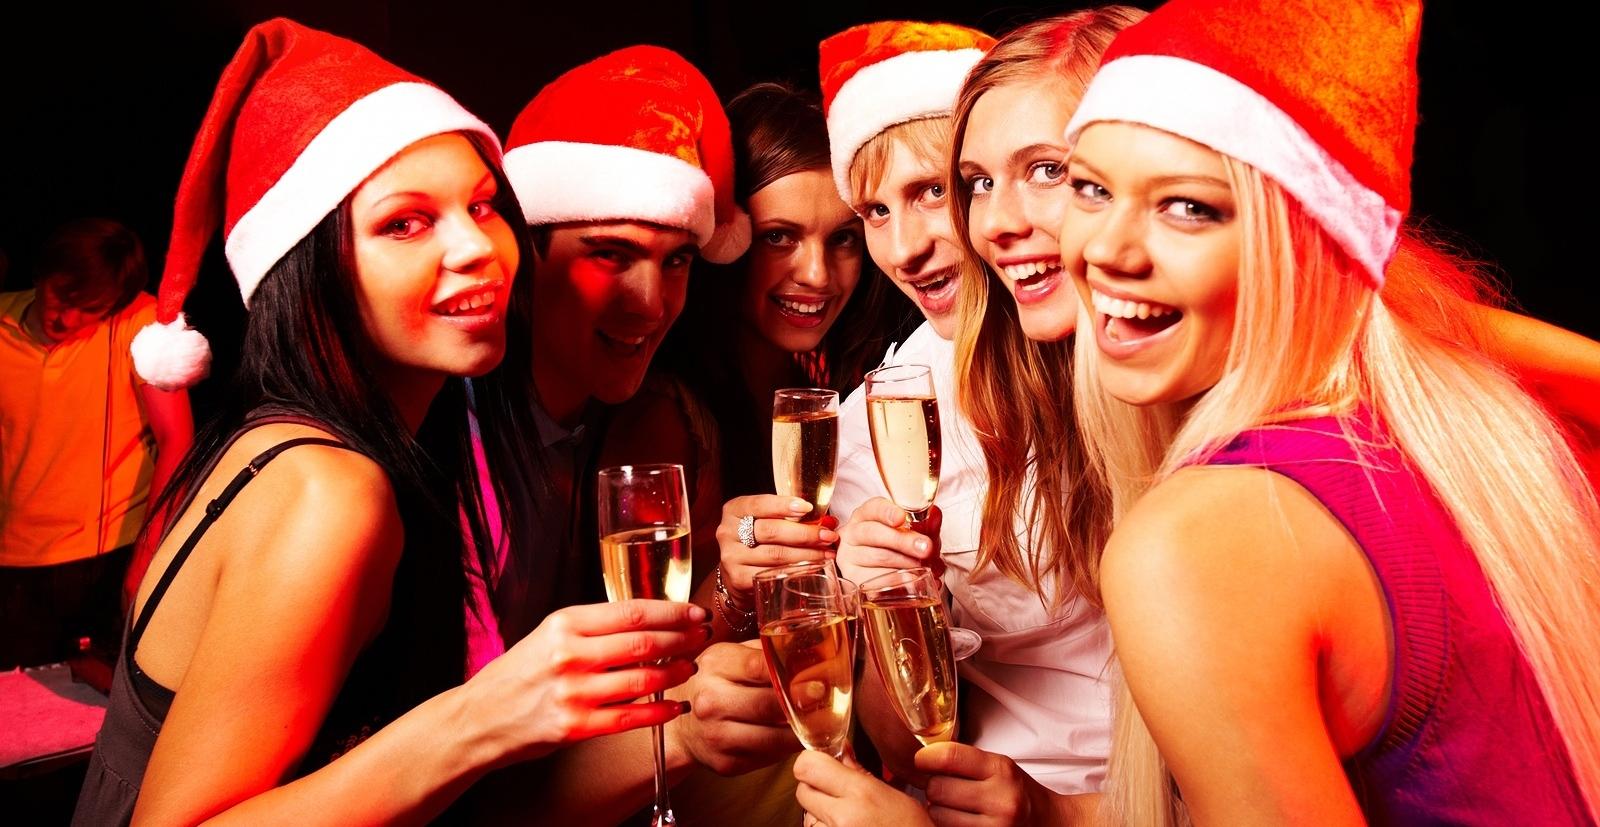 Diez tips para organizar la fiesta de Nochevieja en tu casa